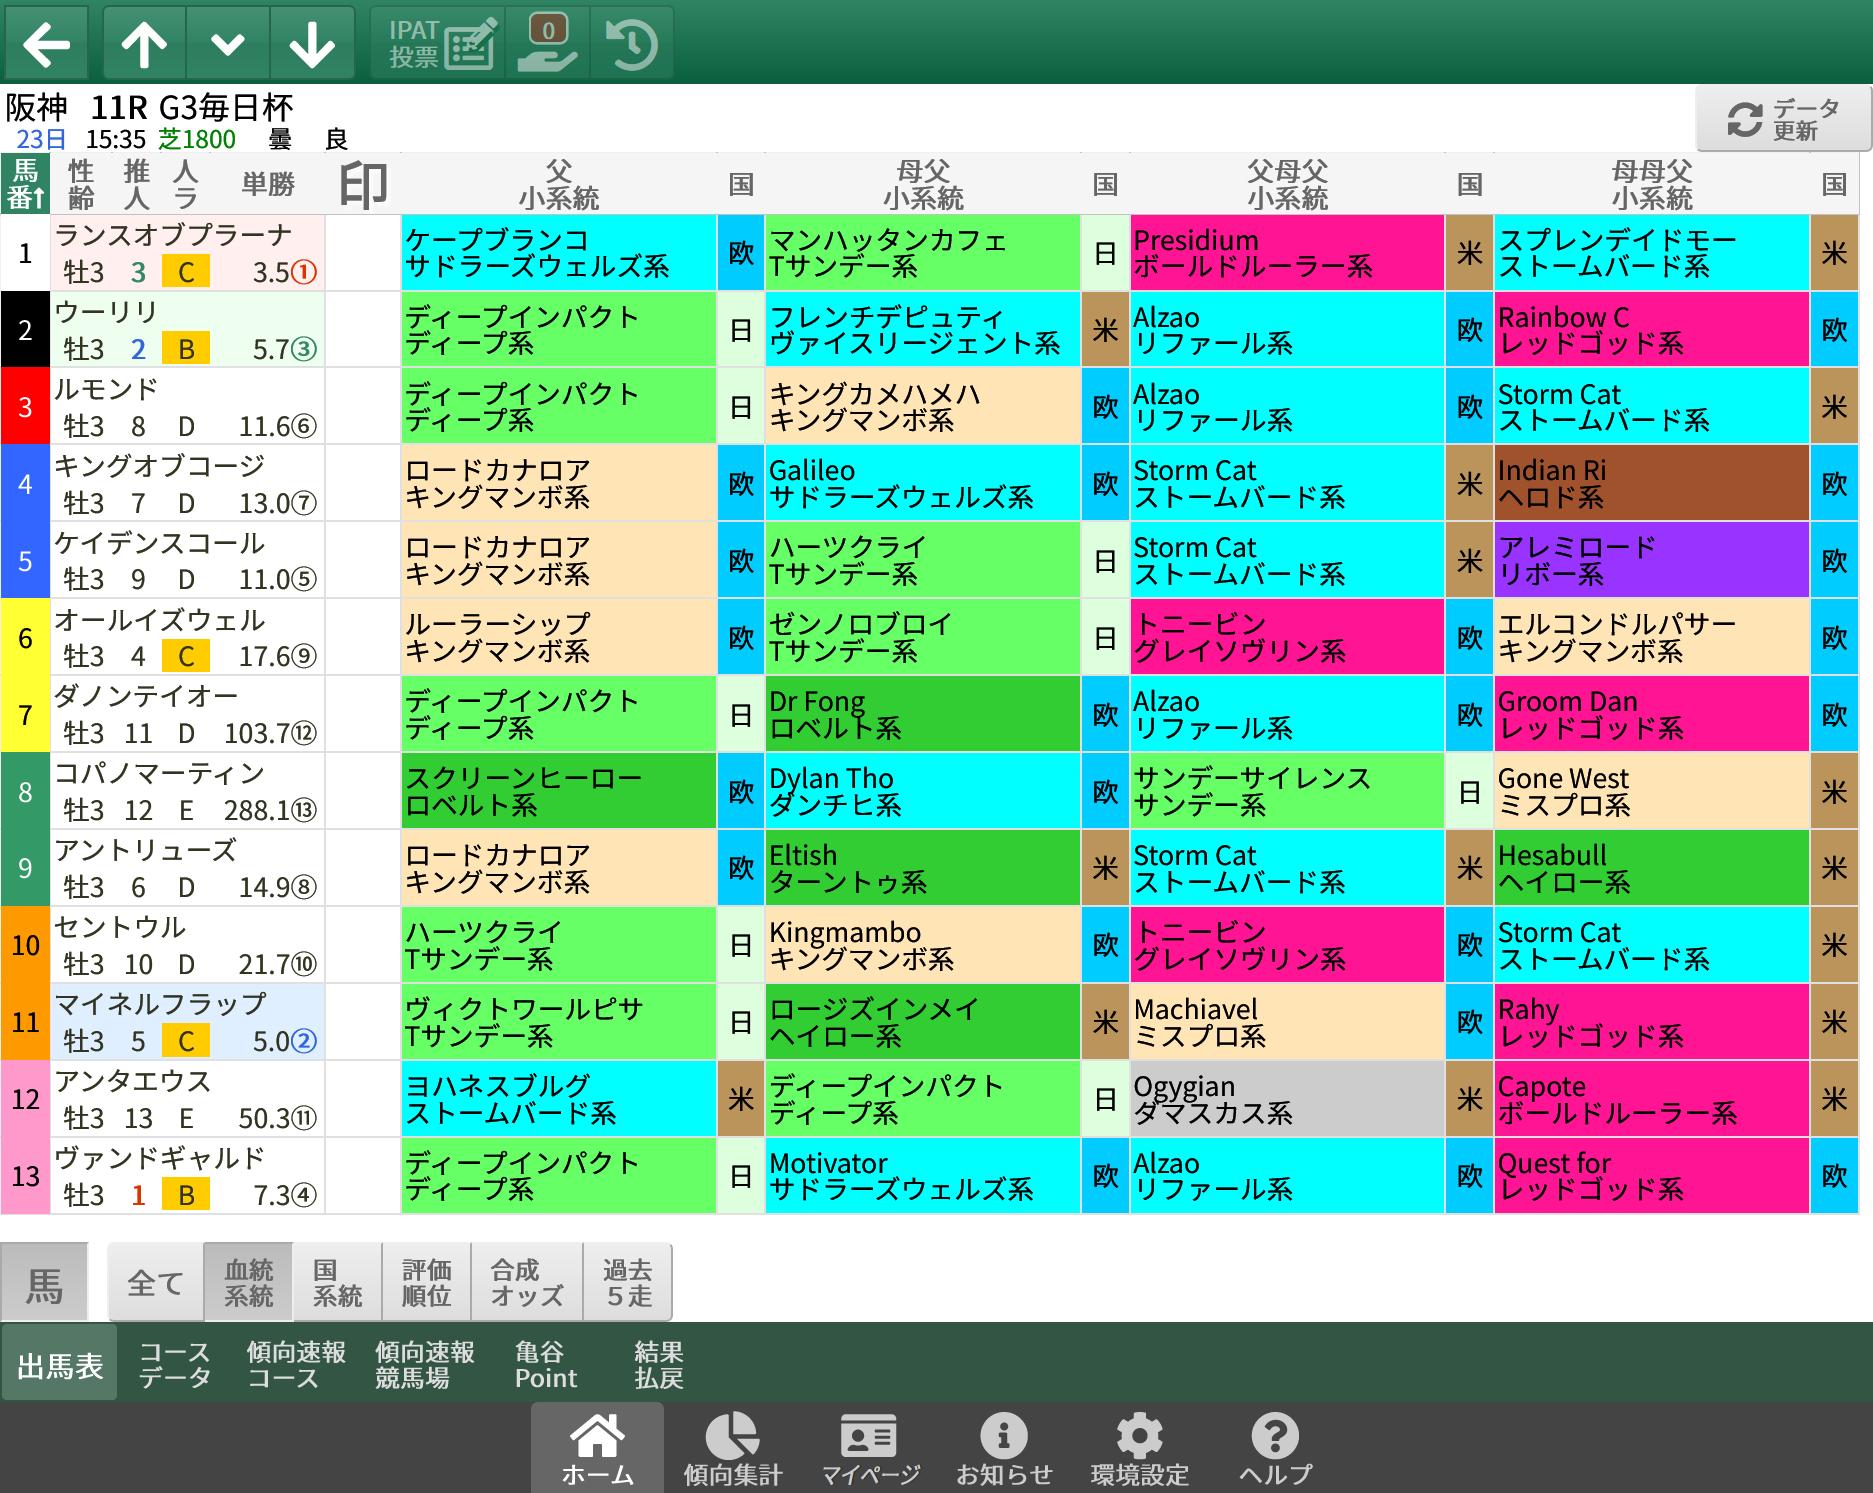 【無料公開】 毎日杯 / 亀谷サロン限定公開中のスマート出馬表・次期バージョン